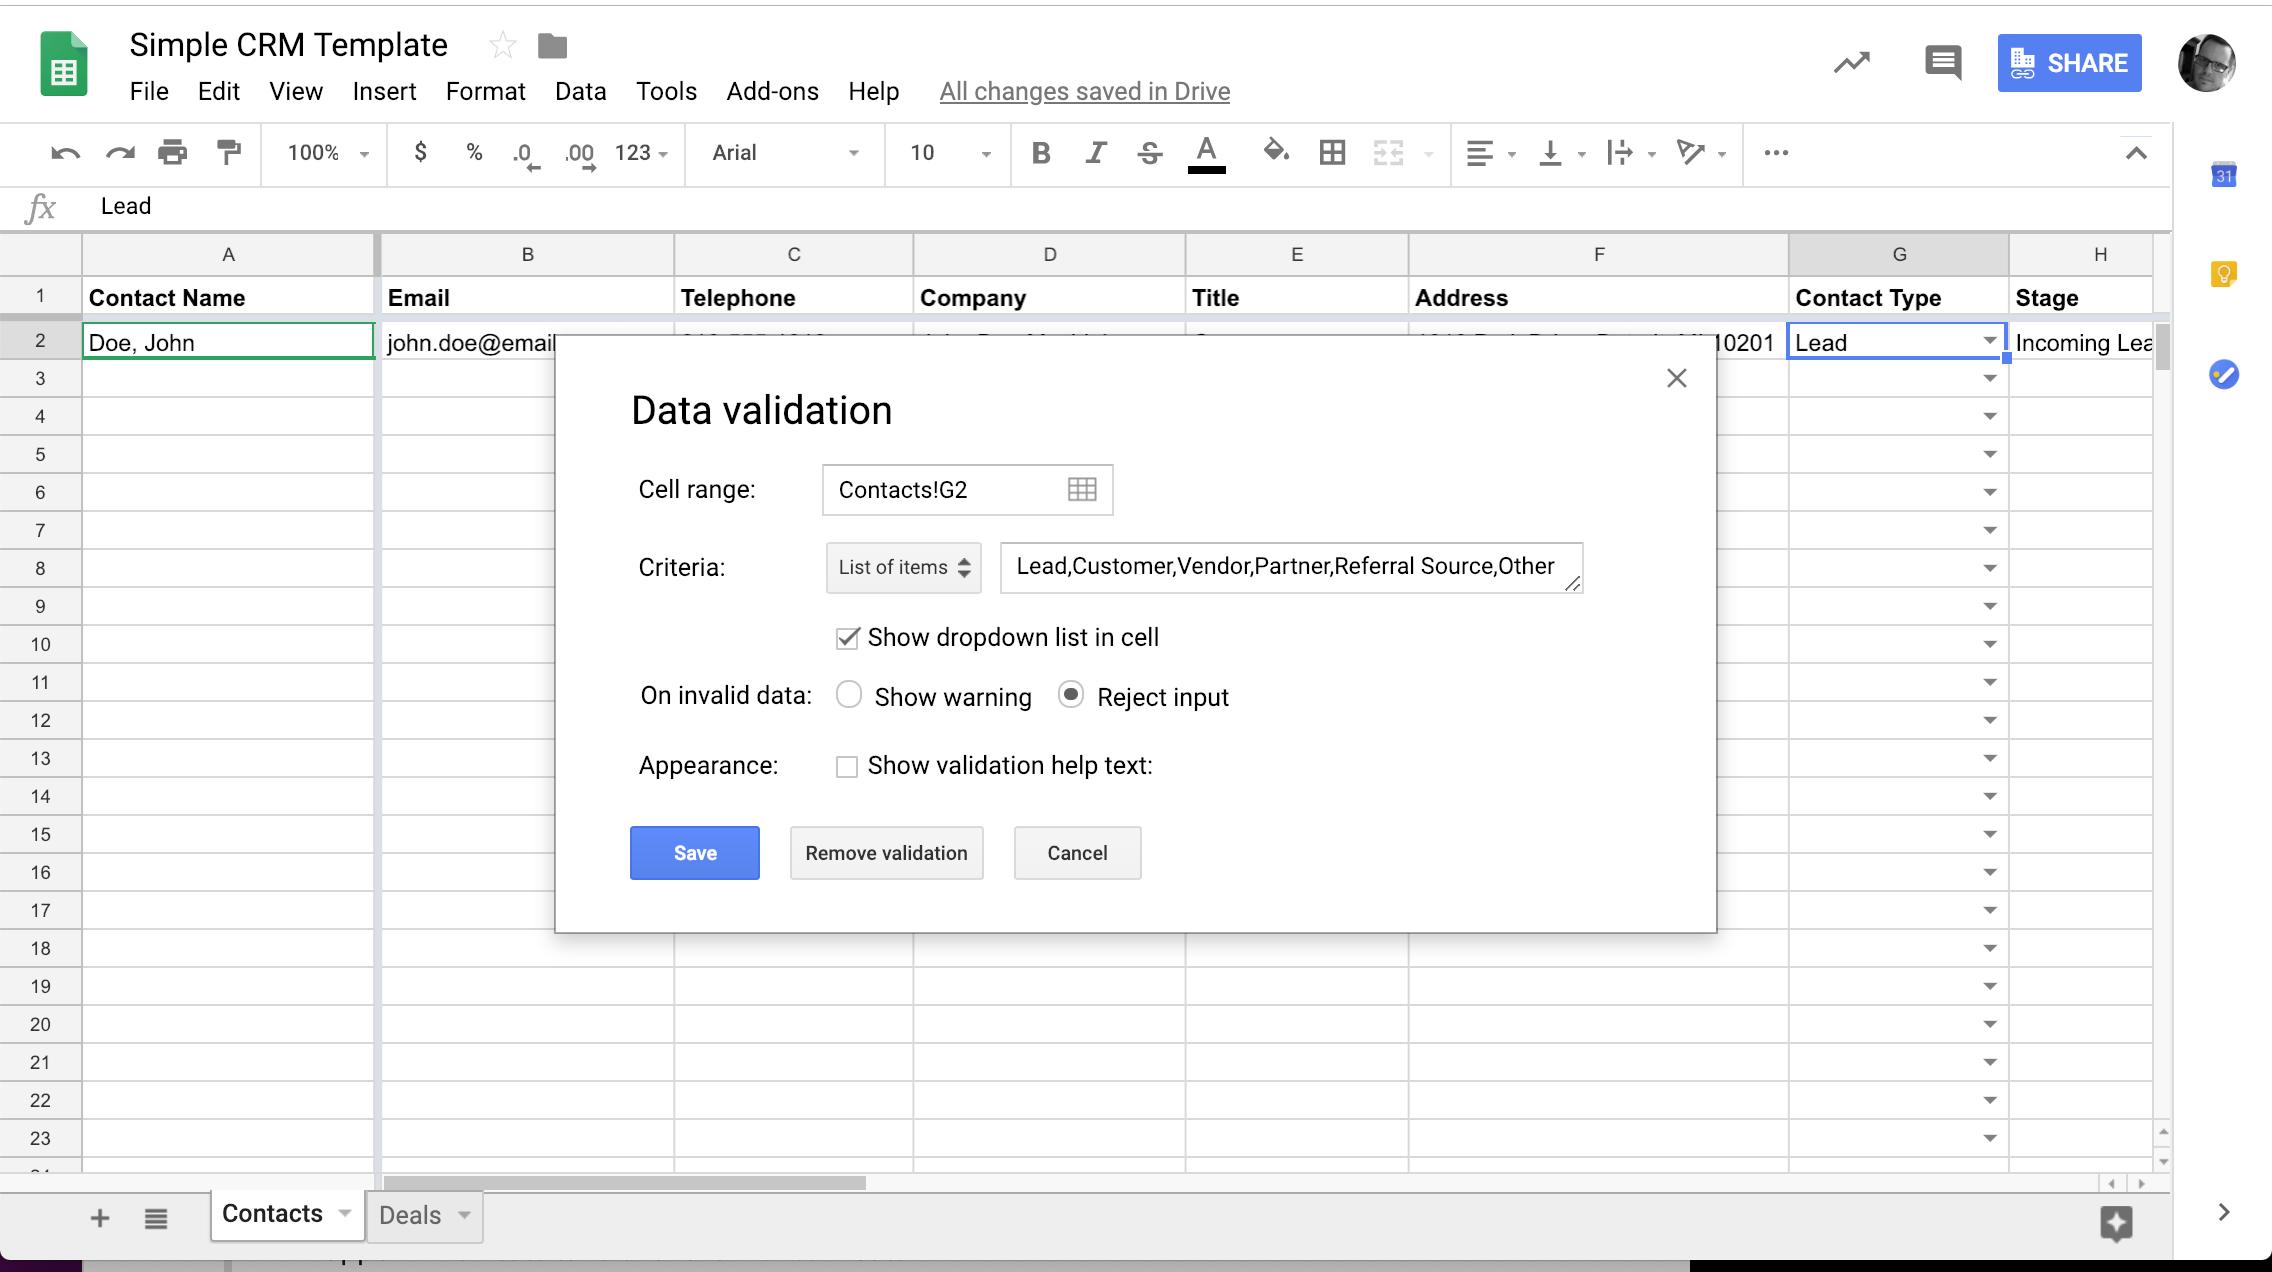 google sheets crm data validation